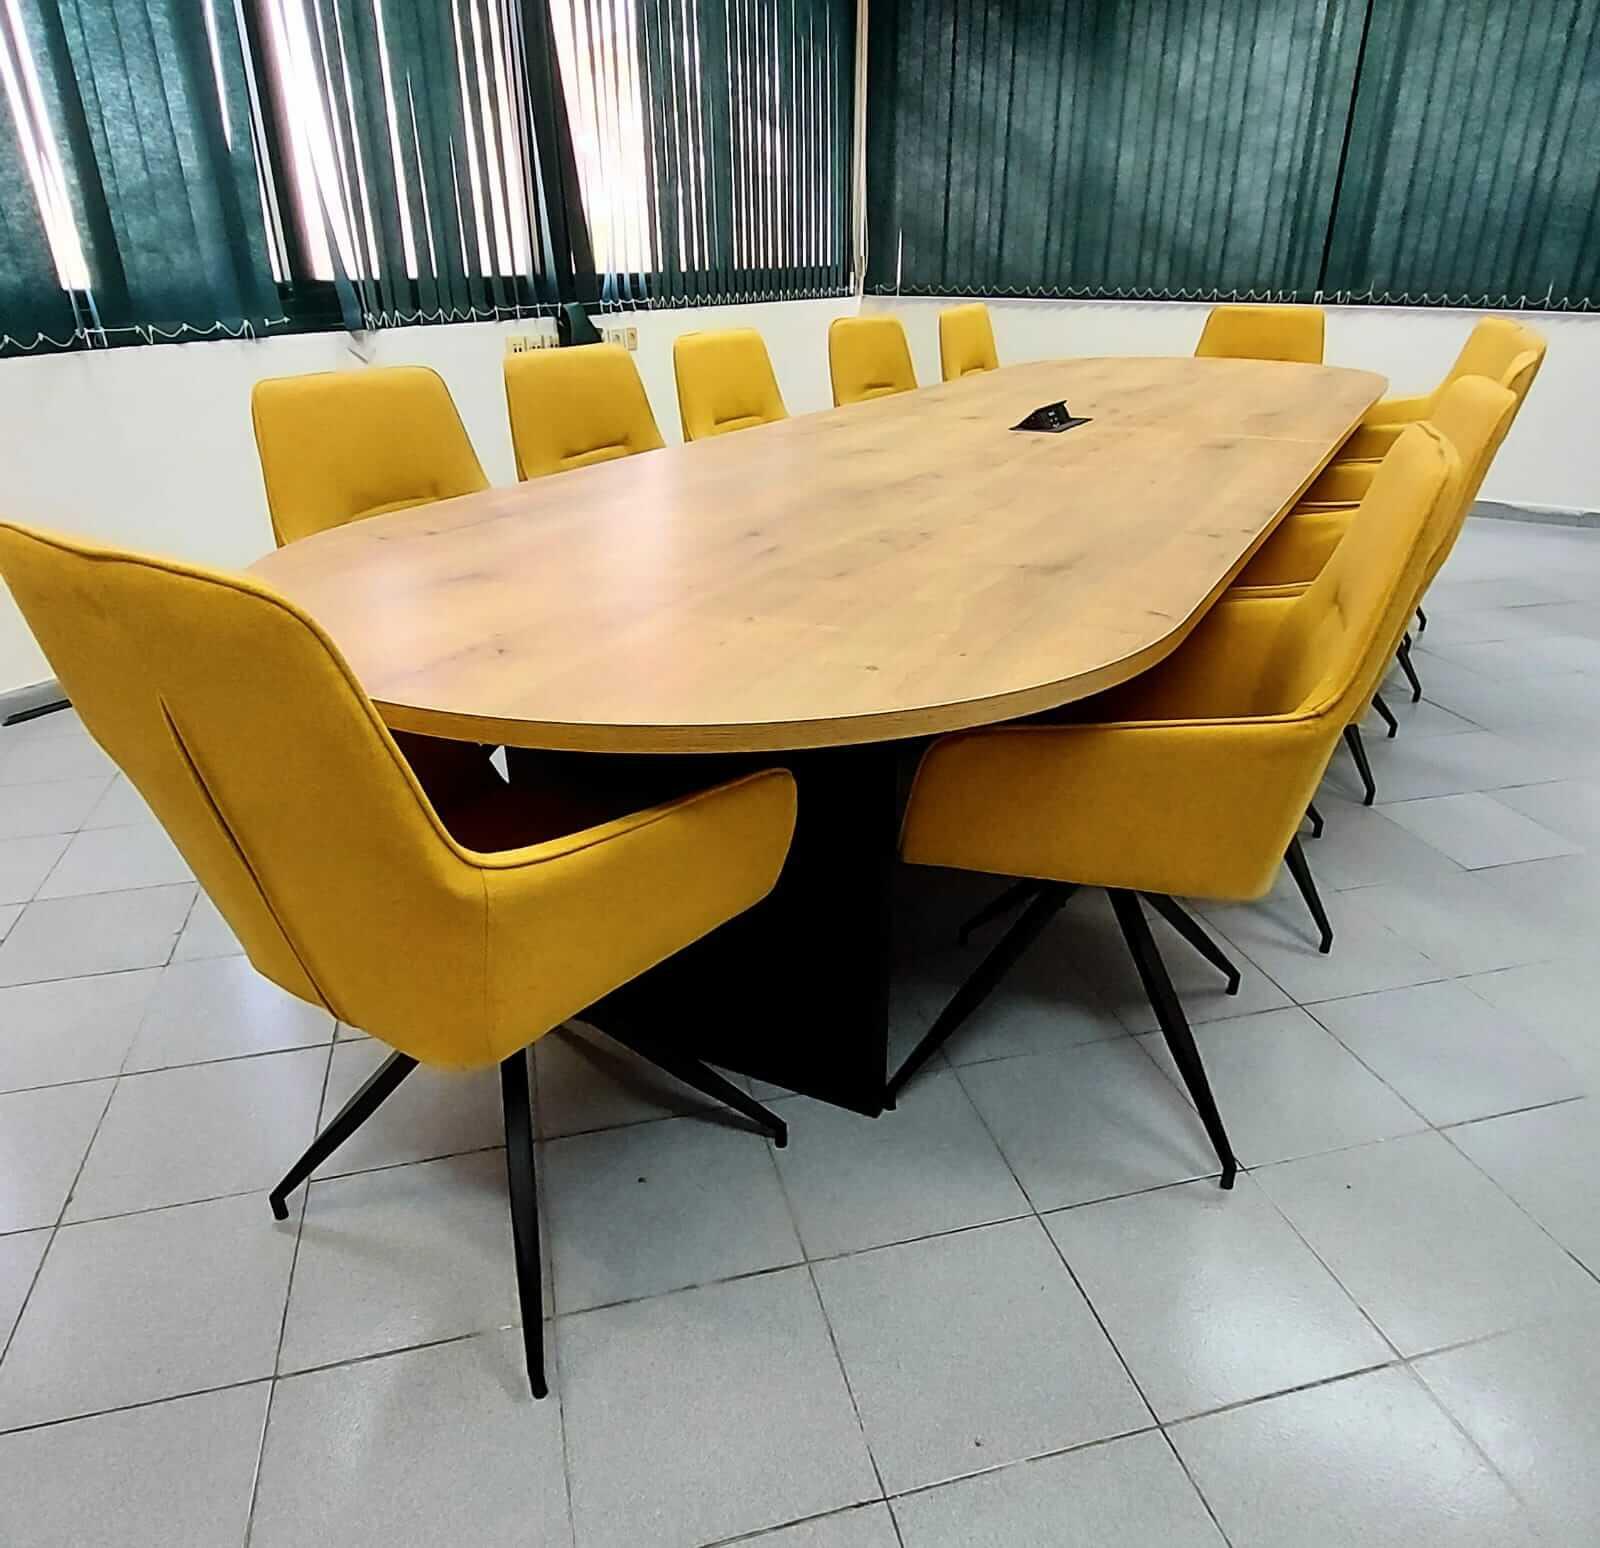 שולחן ישיבות אליפסה במידה 400X120 אלון שחור